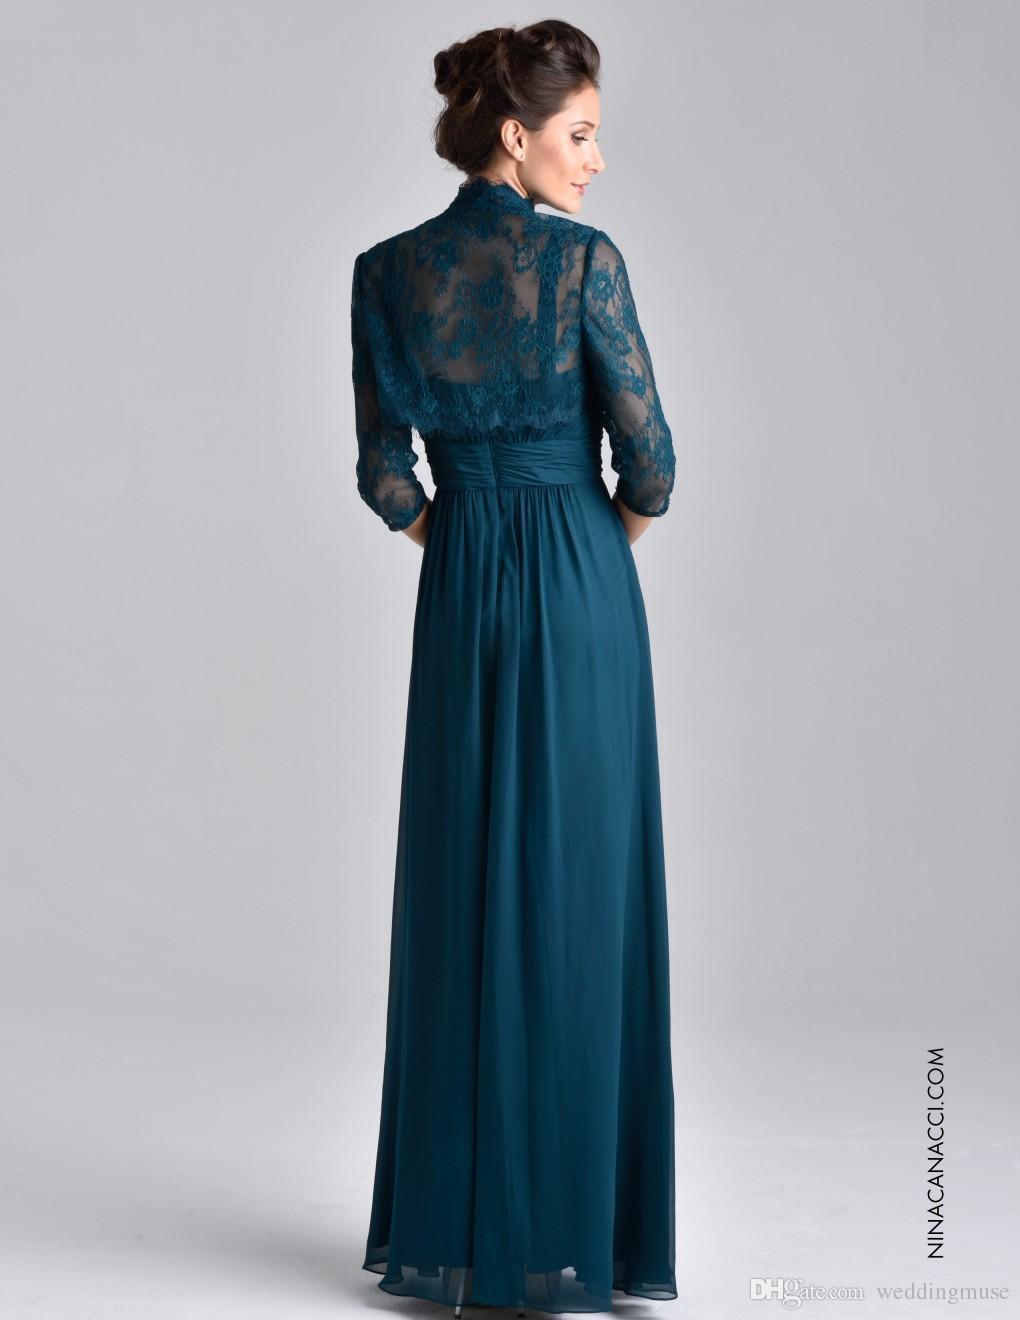 بالاضافة الى حجم البط البري الأزرق الأم الشيفون من ثوب العروس 3/4 كم طويل مع الدانتيل سترة كريستال مطرز الأم ثياب السهرة